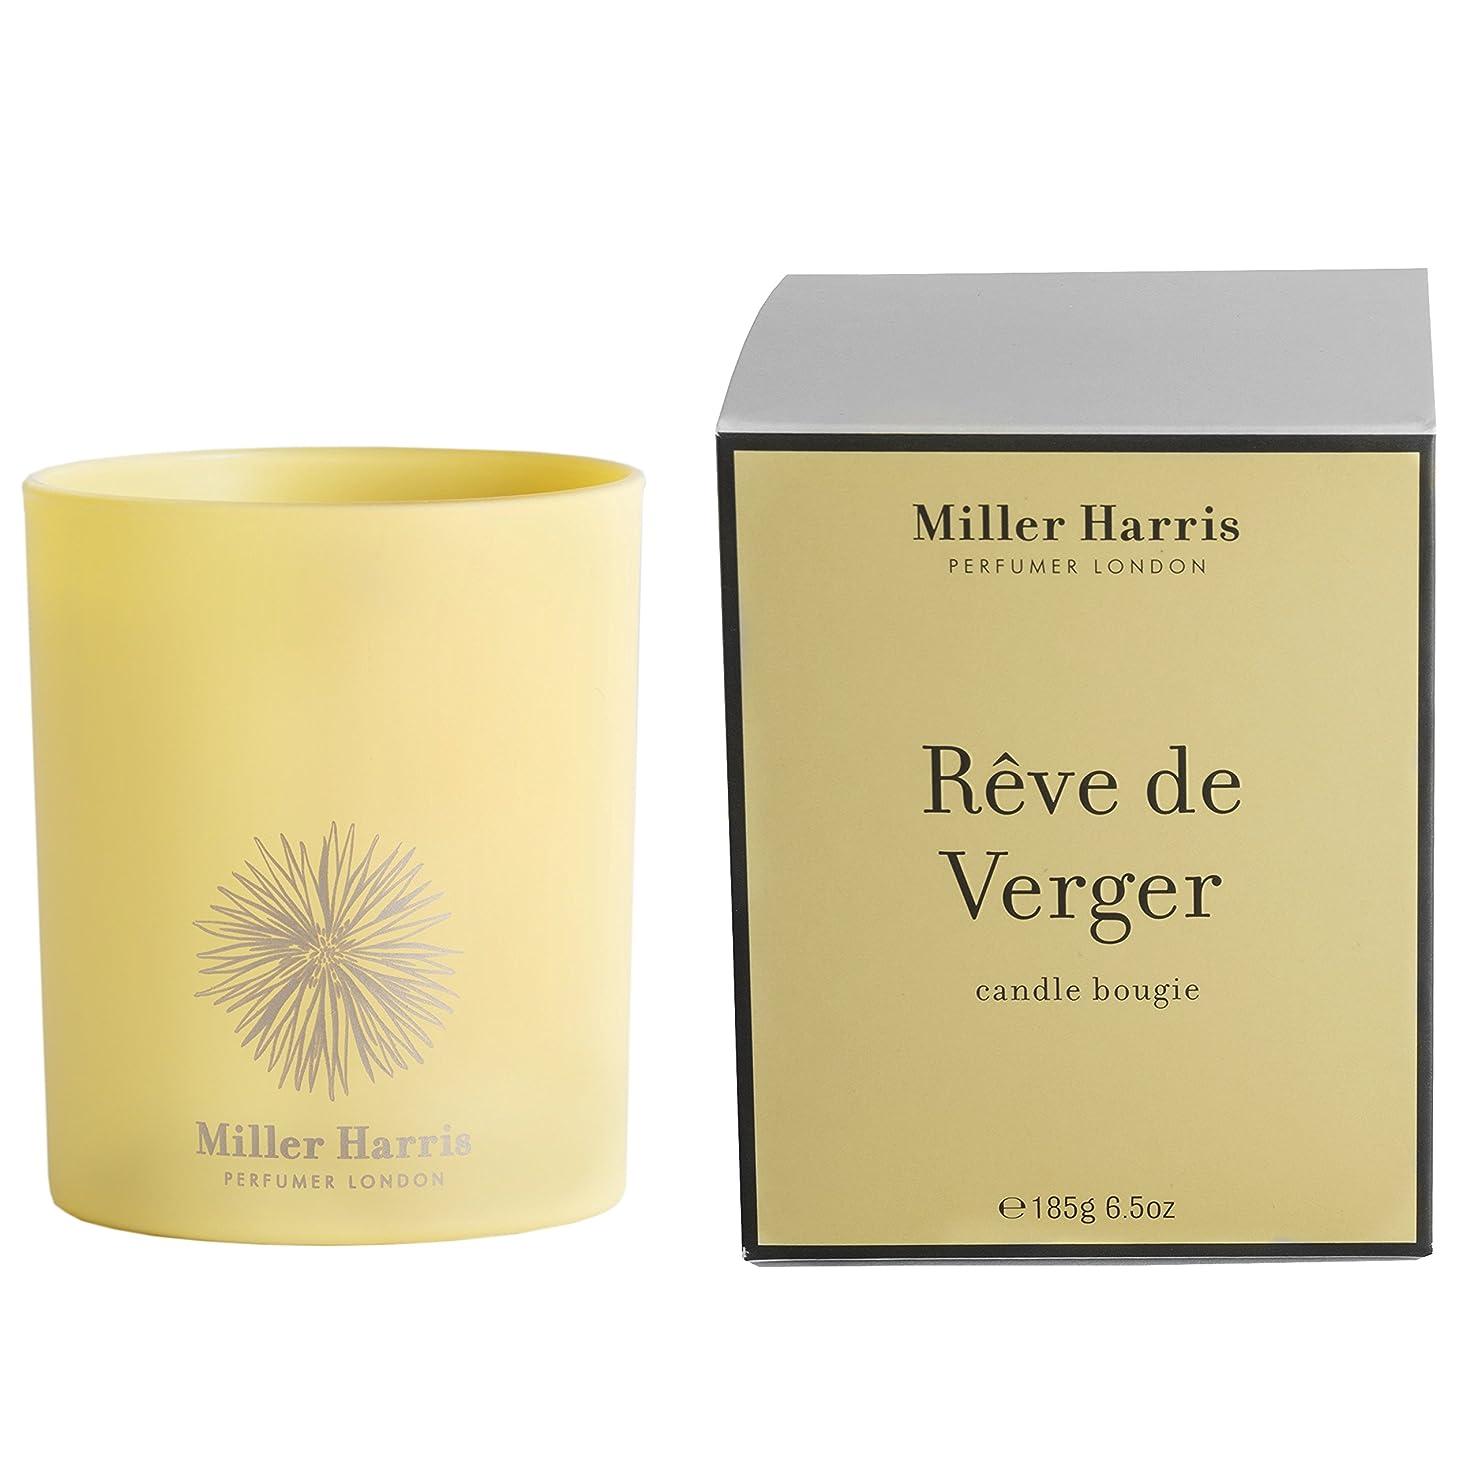 栄光の餌火星ミラーハリス Candle - Reve De Verger 185g/6.5oz並行輸入品